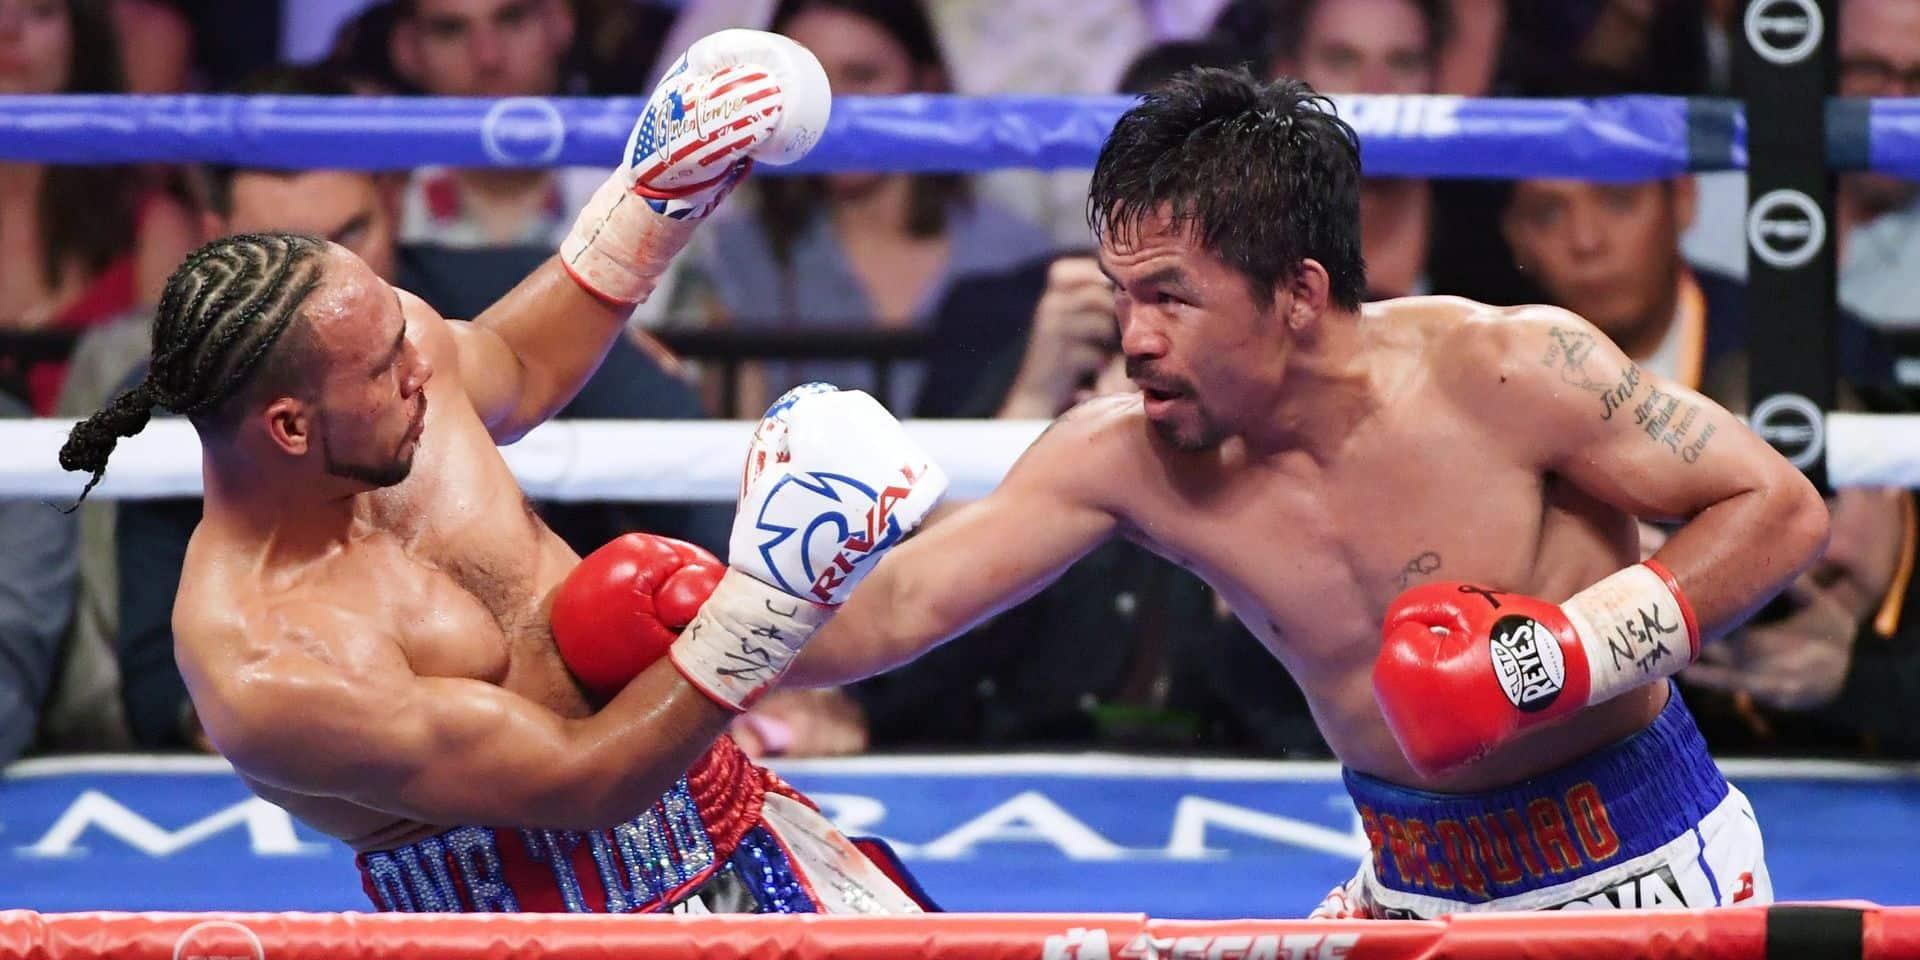 Boxe: Pacquiao surpasse Thurman et s'empare de la ceinture WBA des welters